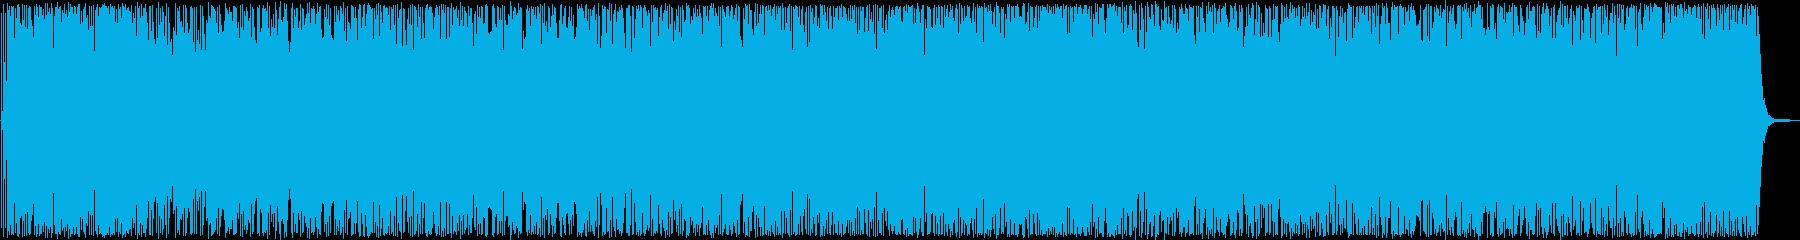 明るい未来へ向かうようなポップス曲の再生済みの波形